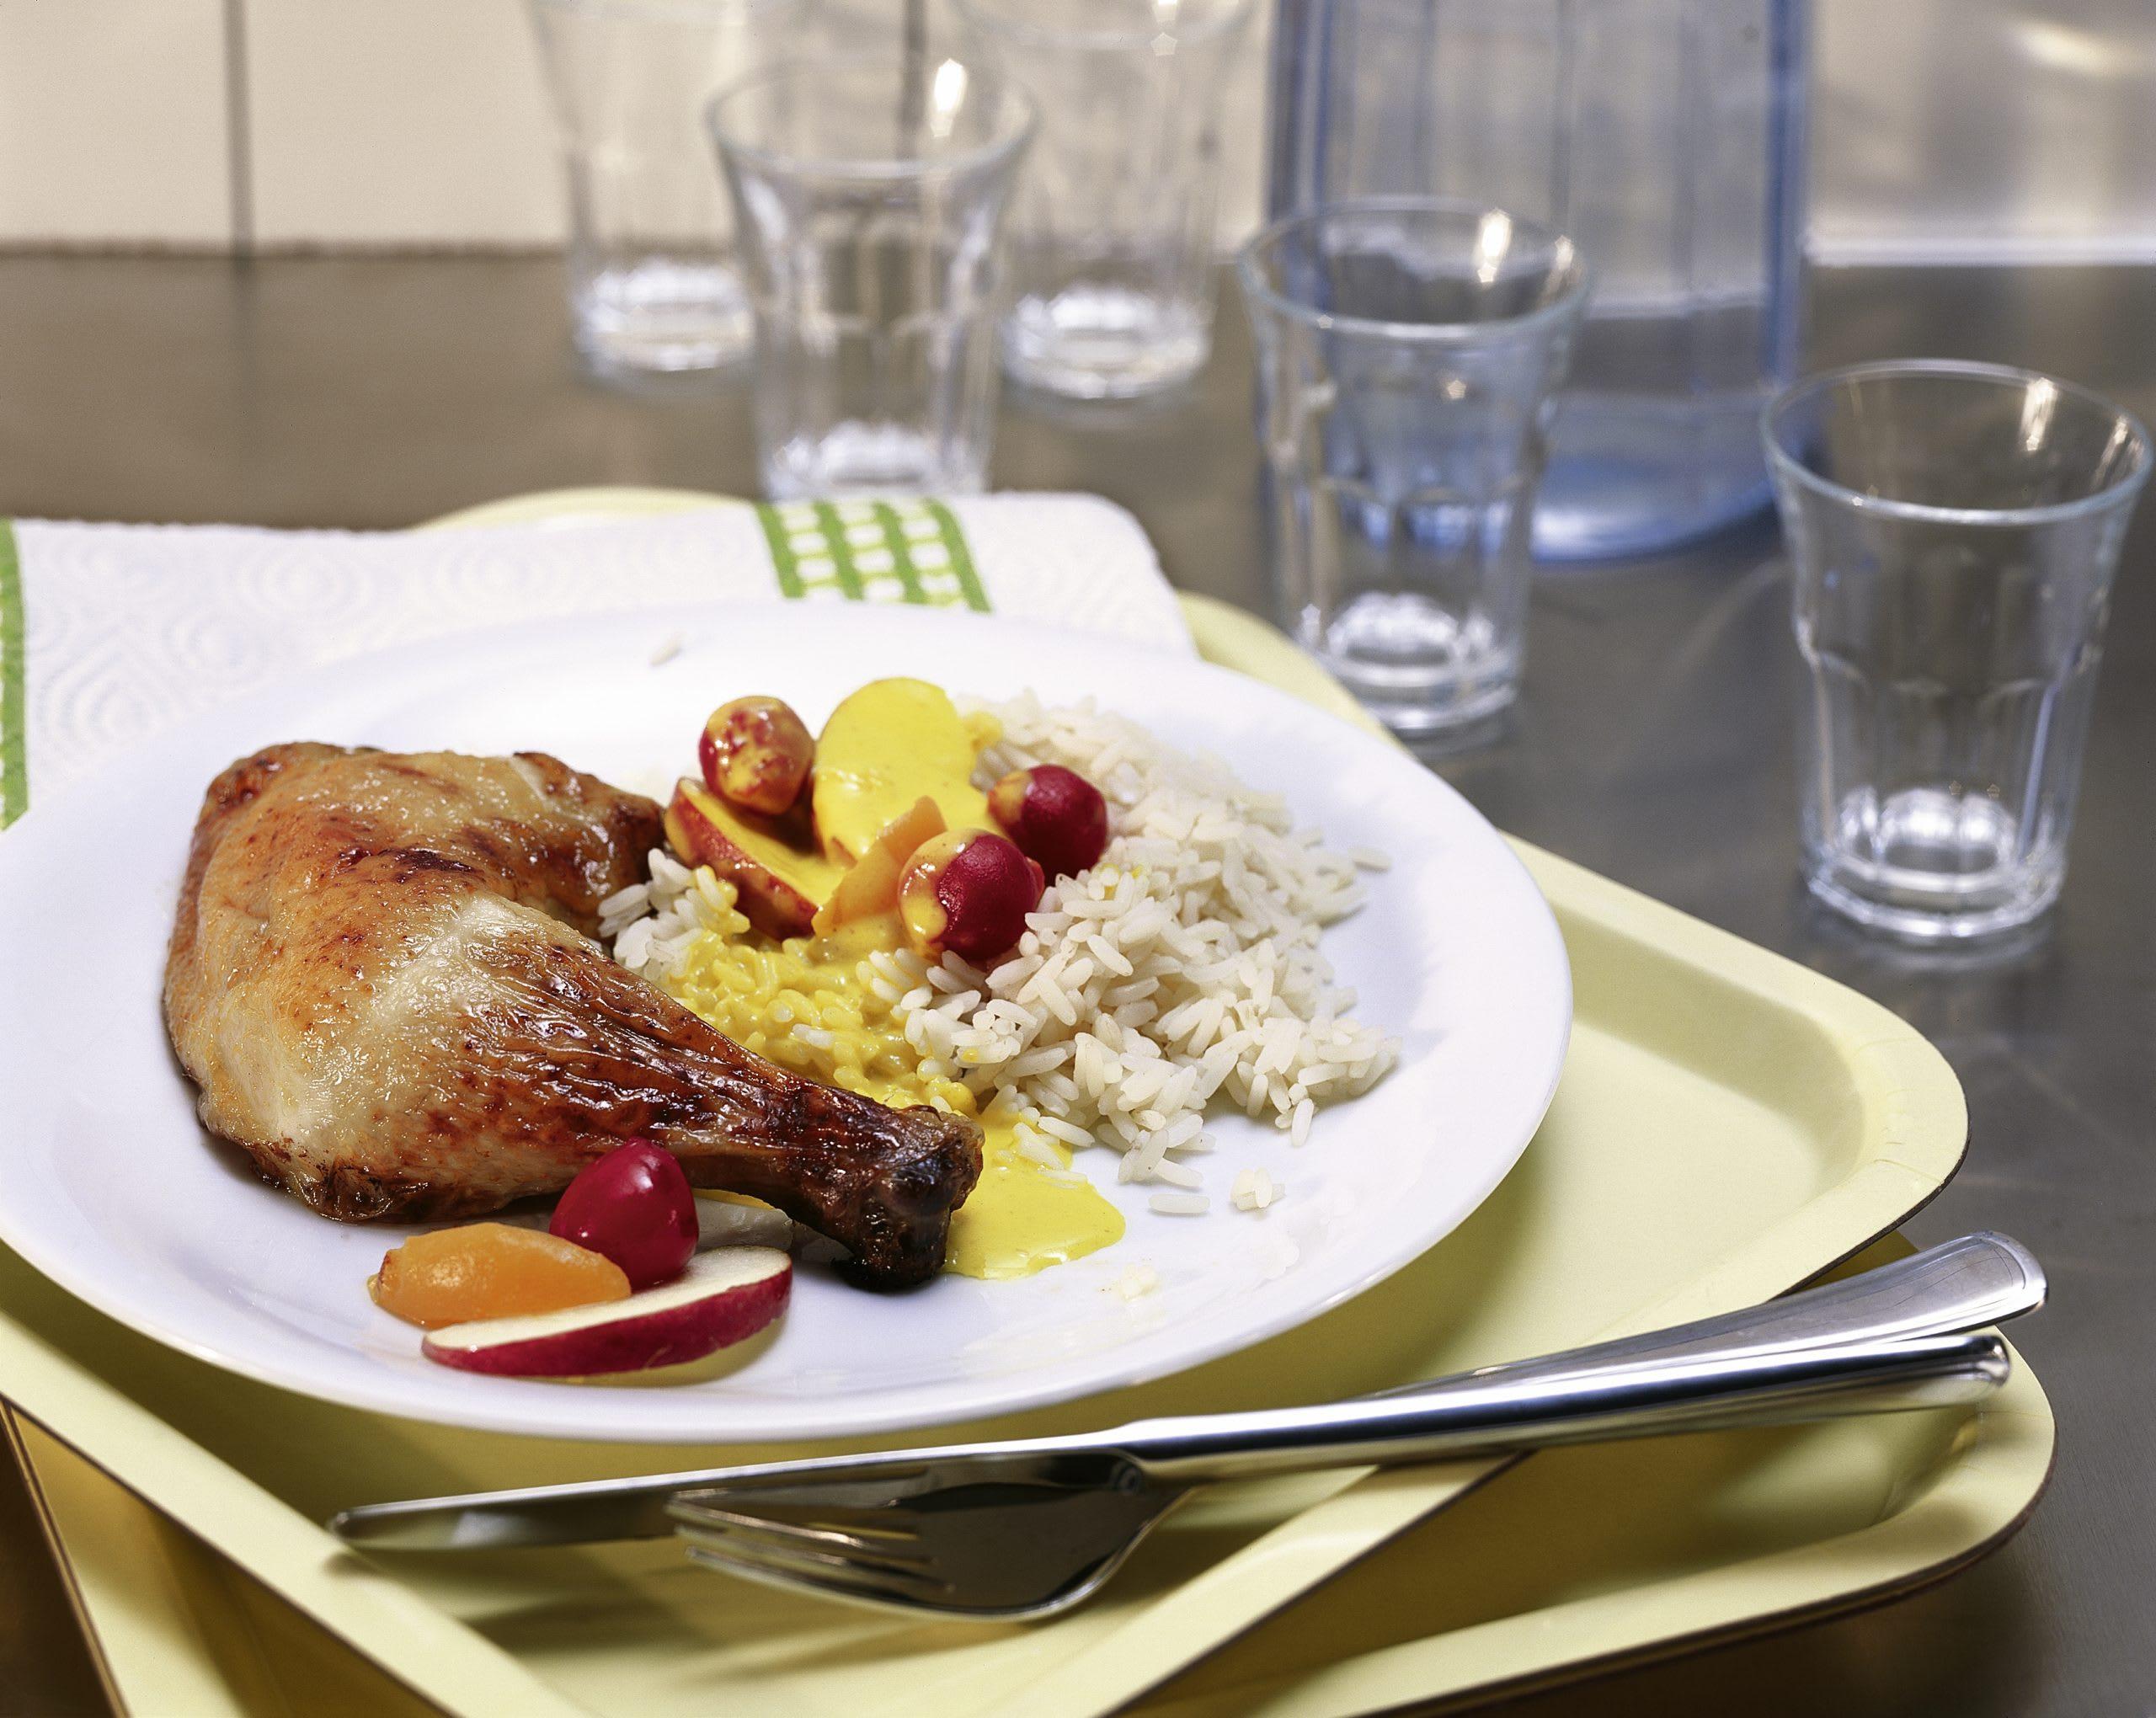 Pouletschenkel mit Früchtecurry und Reis